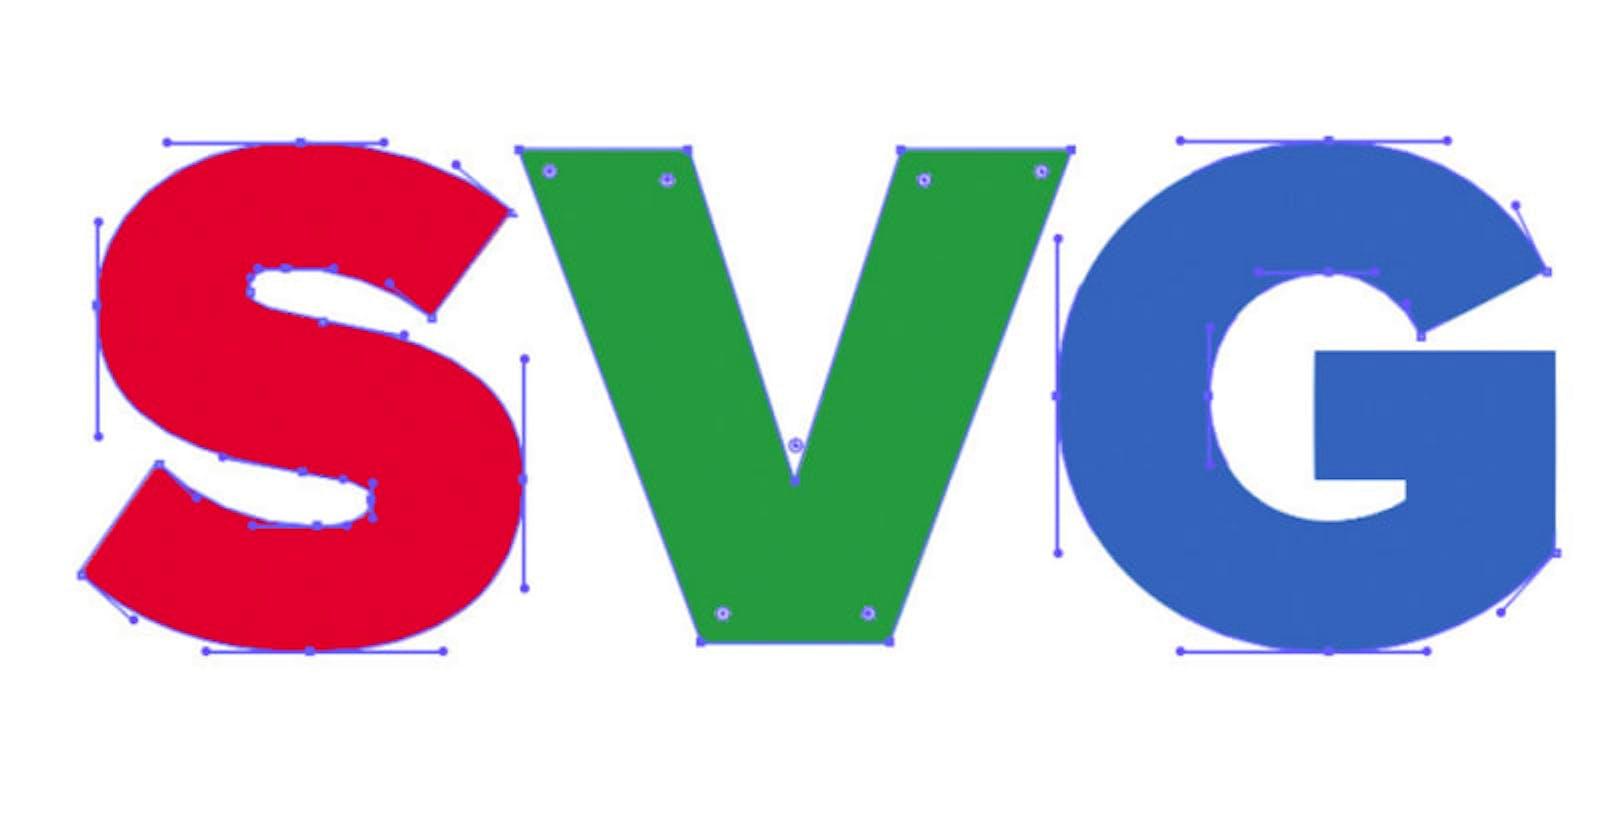 SVG ile Alakalı Her Şey